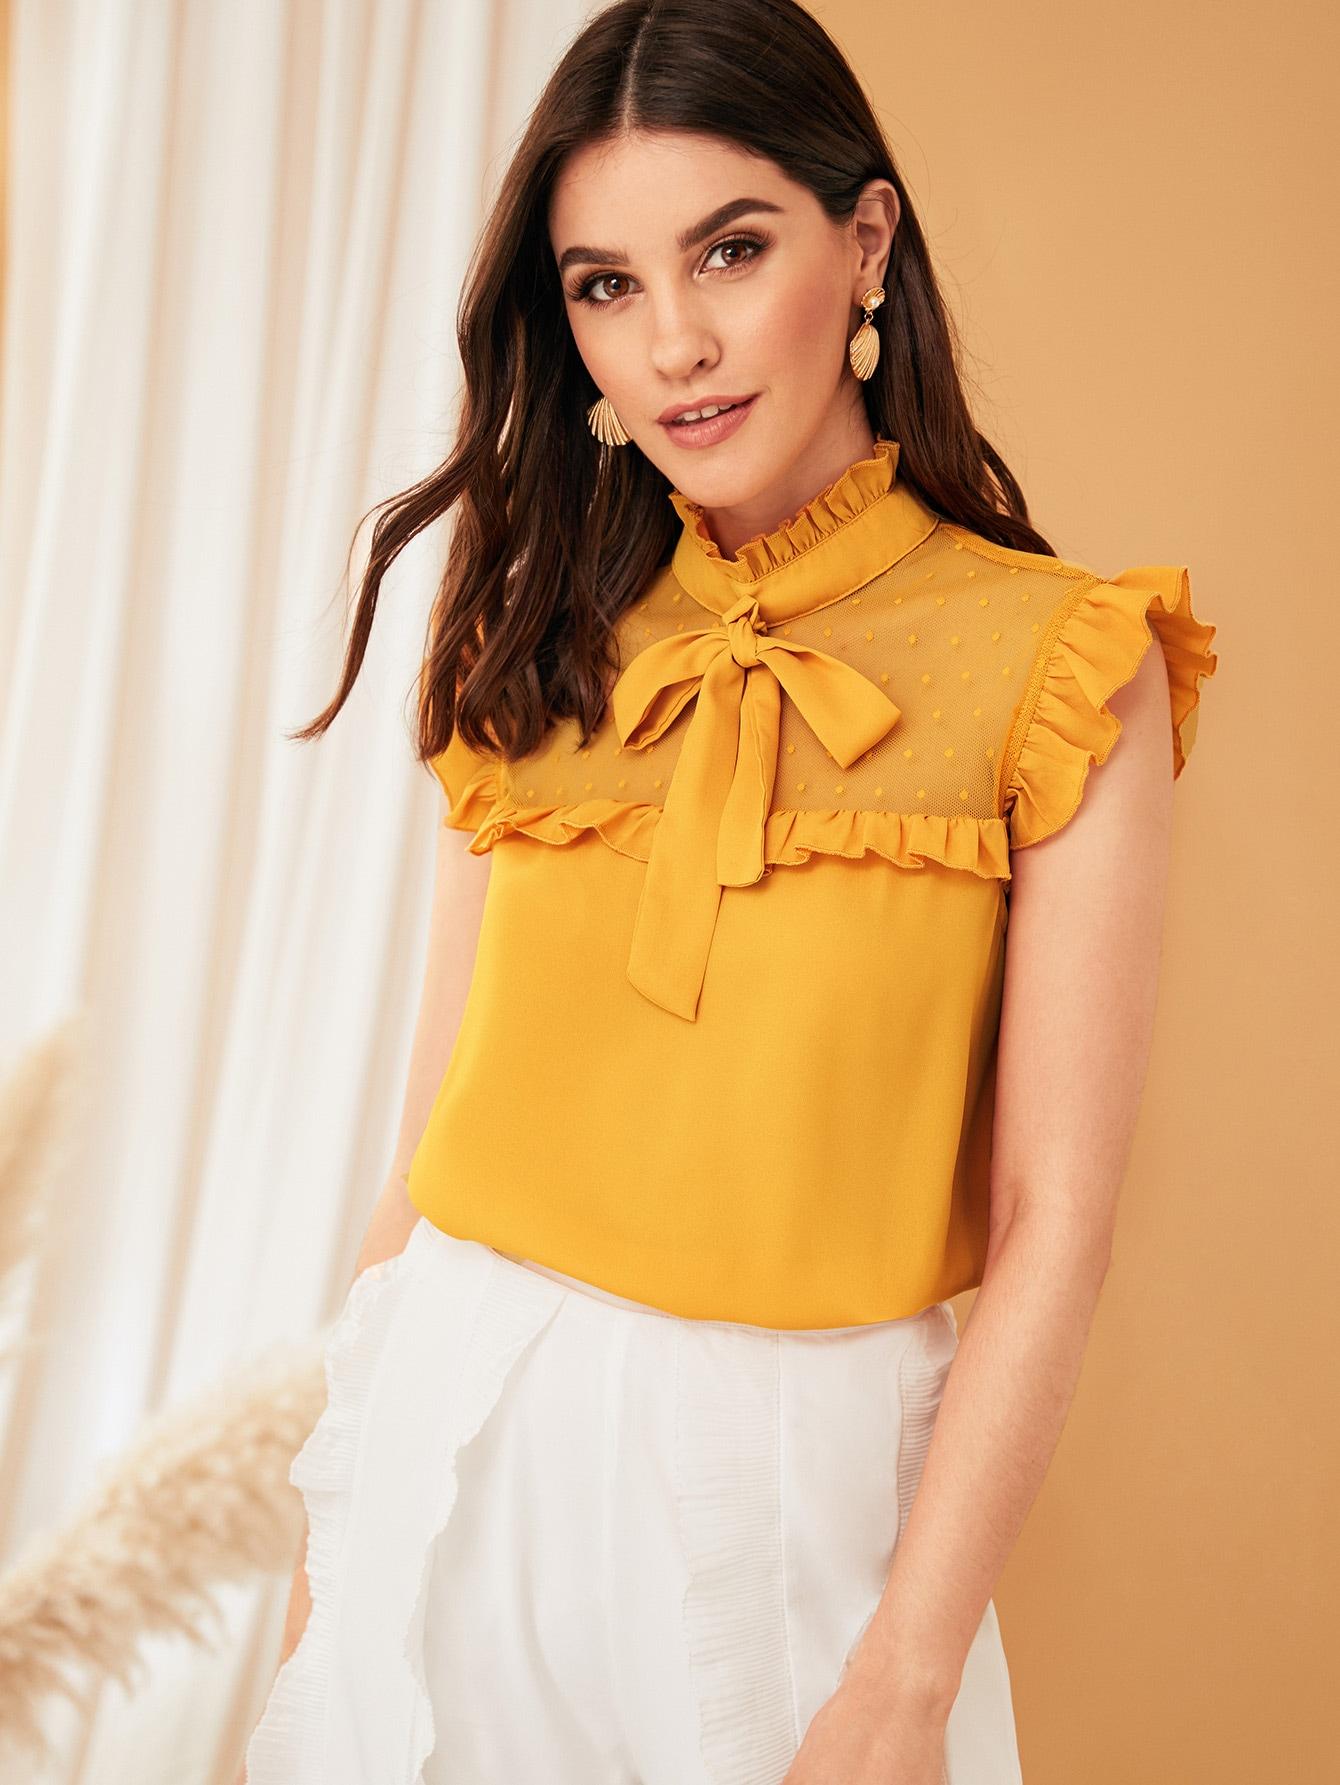 Фото - Топ со сеткой и завязкой на шее от SheIn желтого цвета